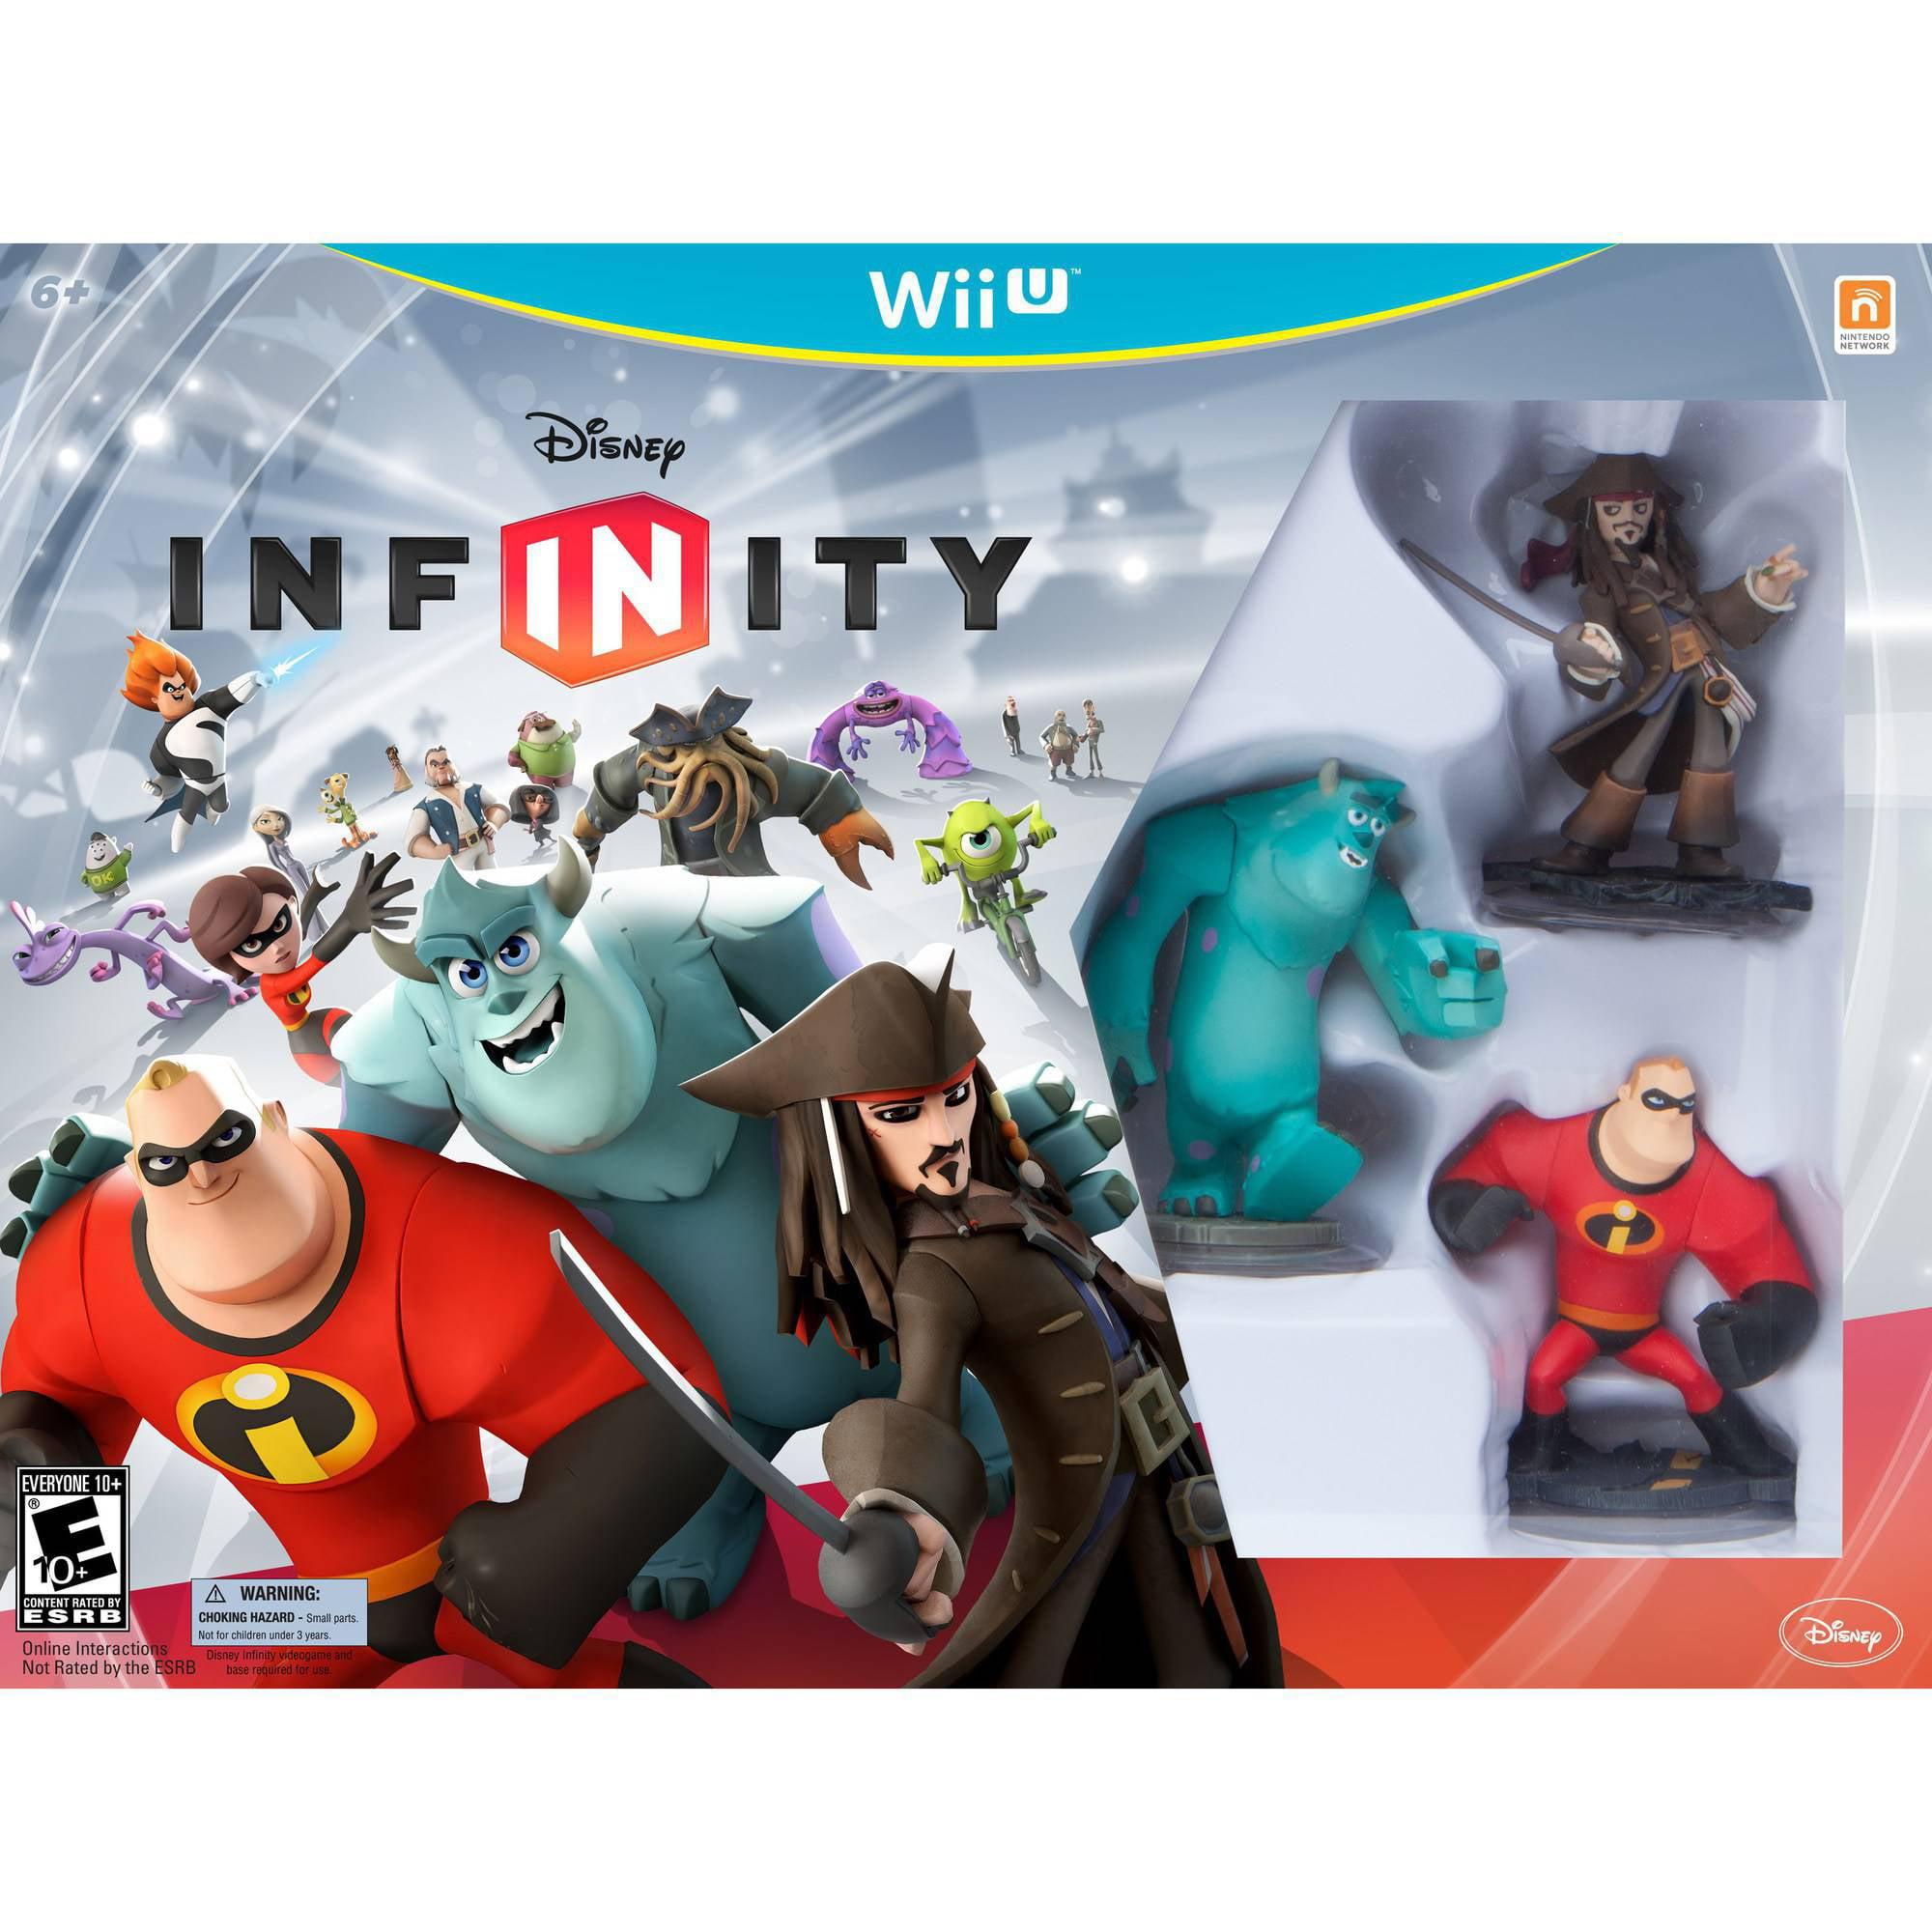 disney infinity starter kit (wii u) - walmart